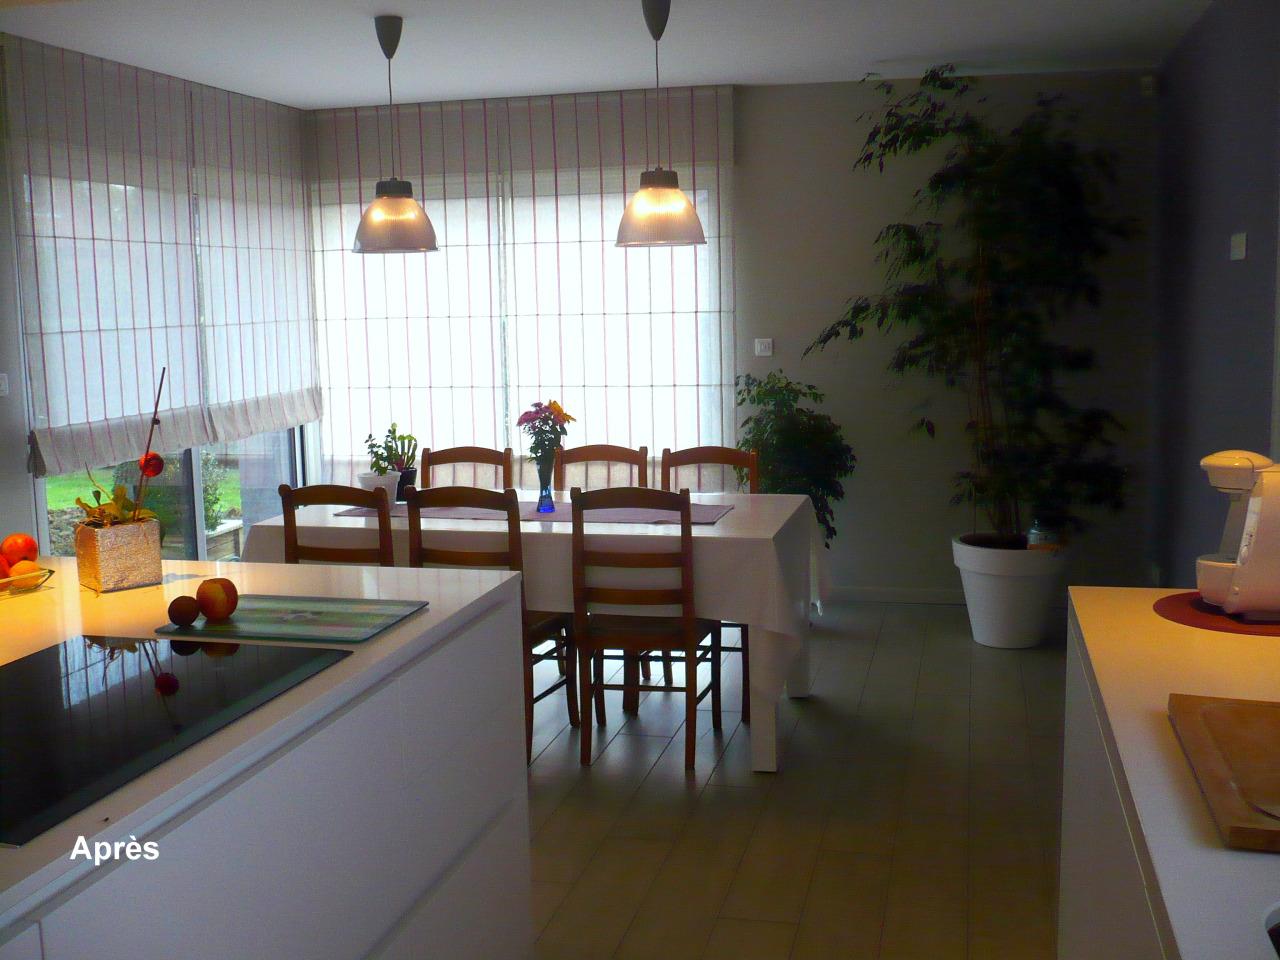 Cuisine-Lilas-Nord-Daphne-Decoration-APRES